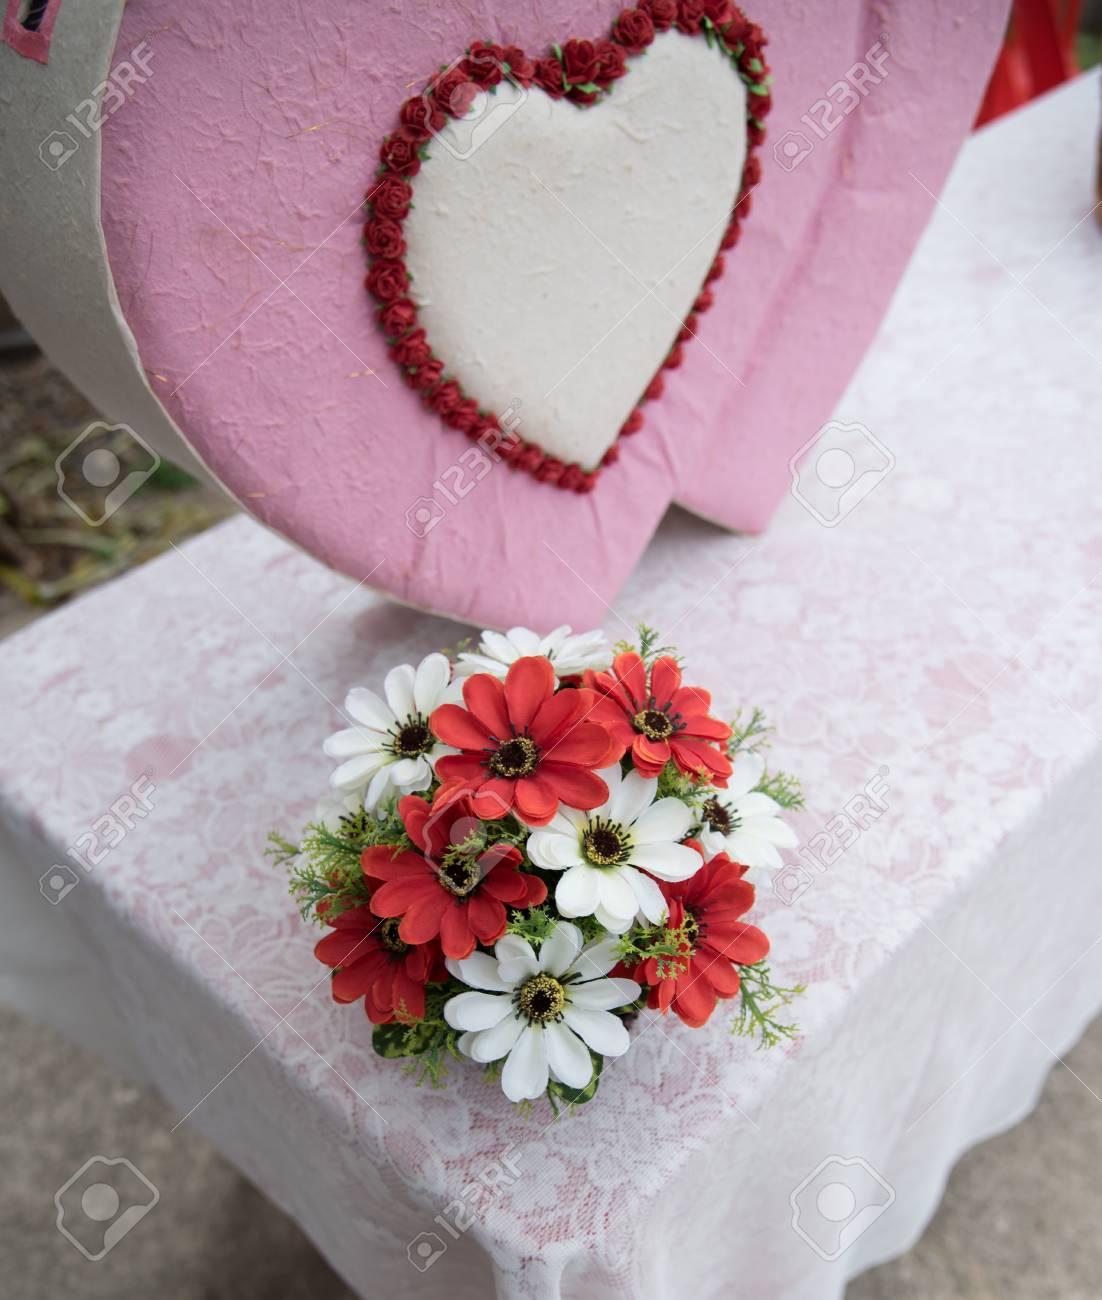 Bouquet De Fleurs Avec La Boite En Forme De Coeur Pour La Decoration